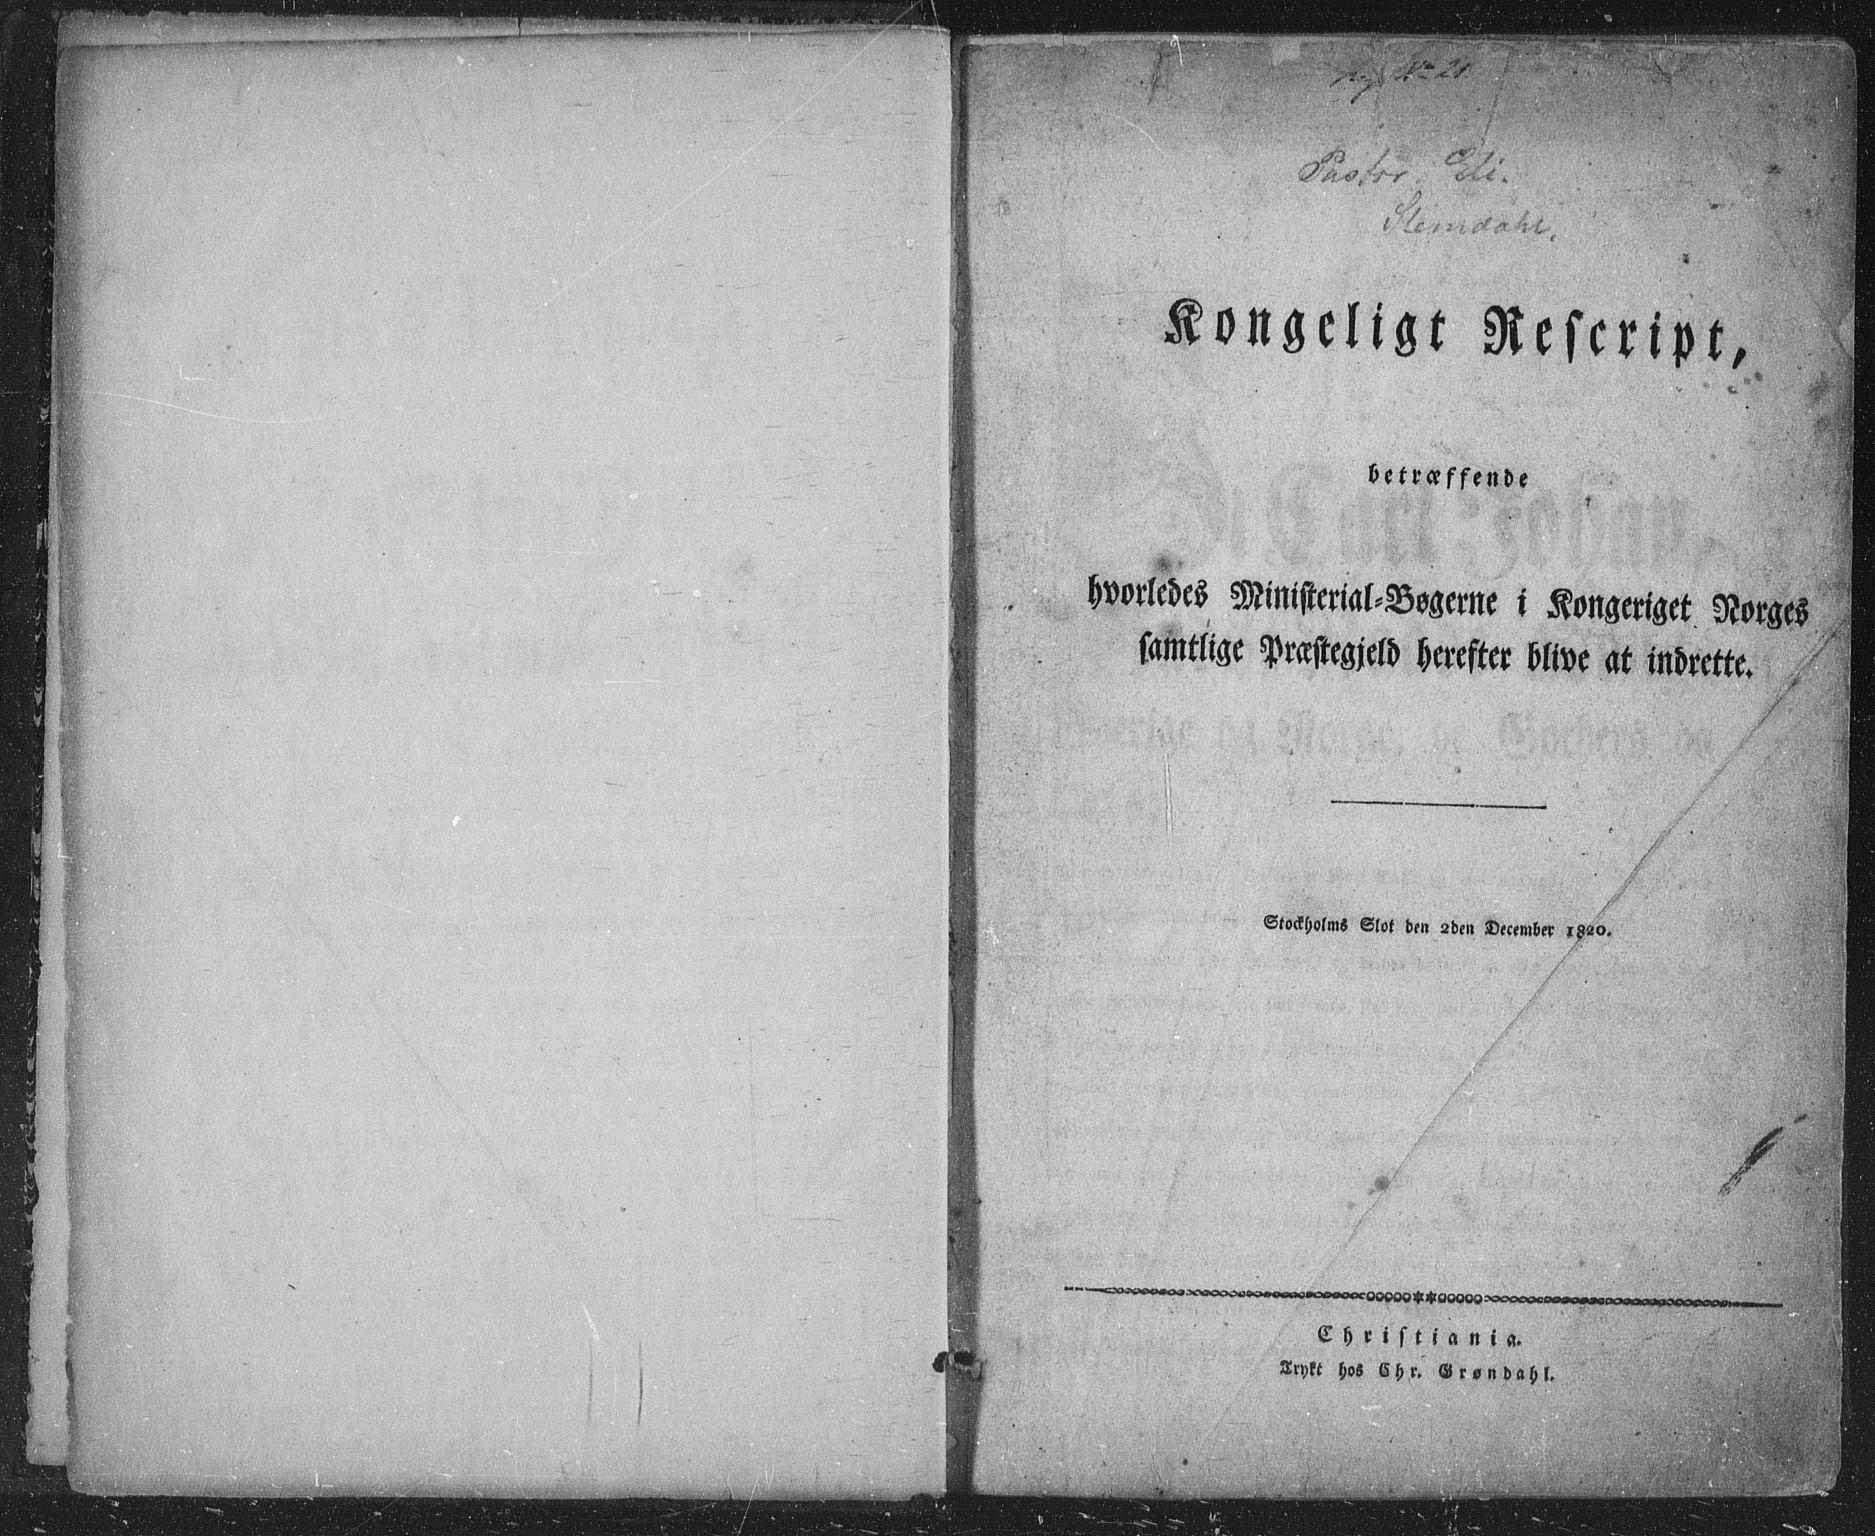 SAKO, Siljan kirkebøker, F/Fa/L0001: Ministerialbok nr. 1, 1831-1870